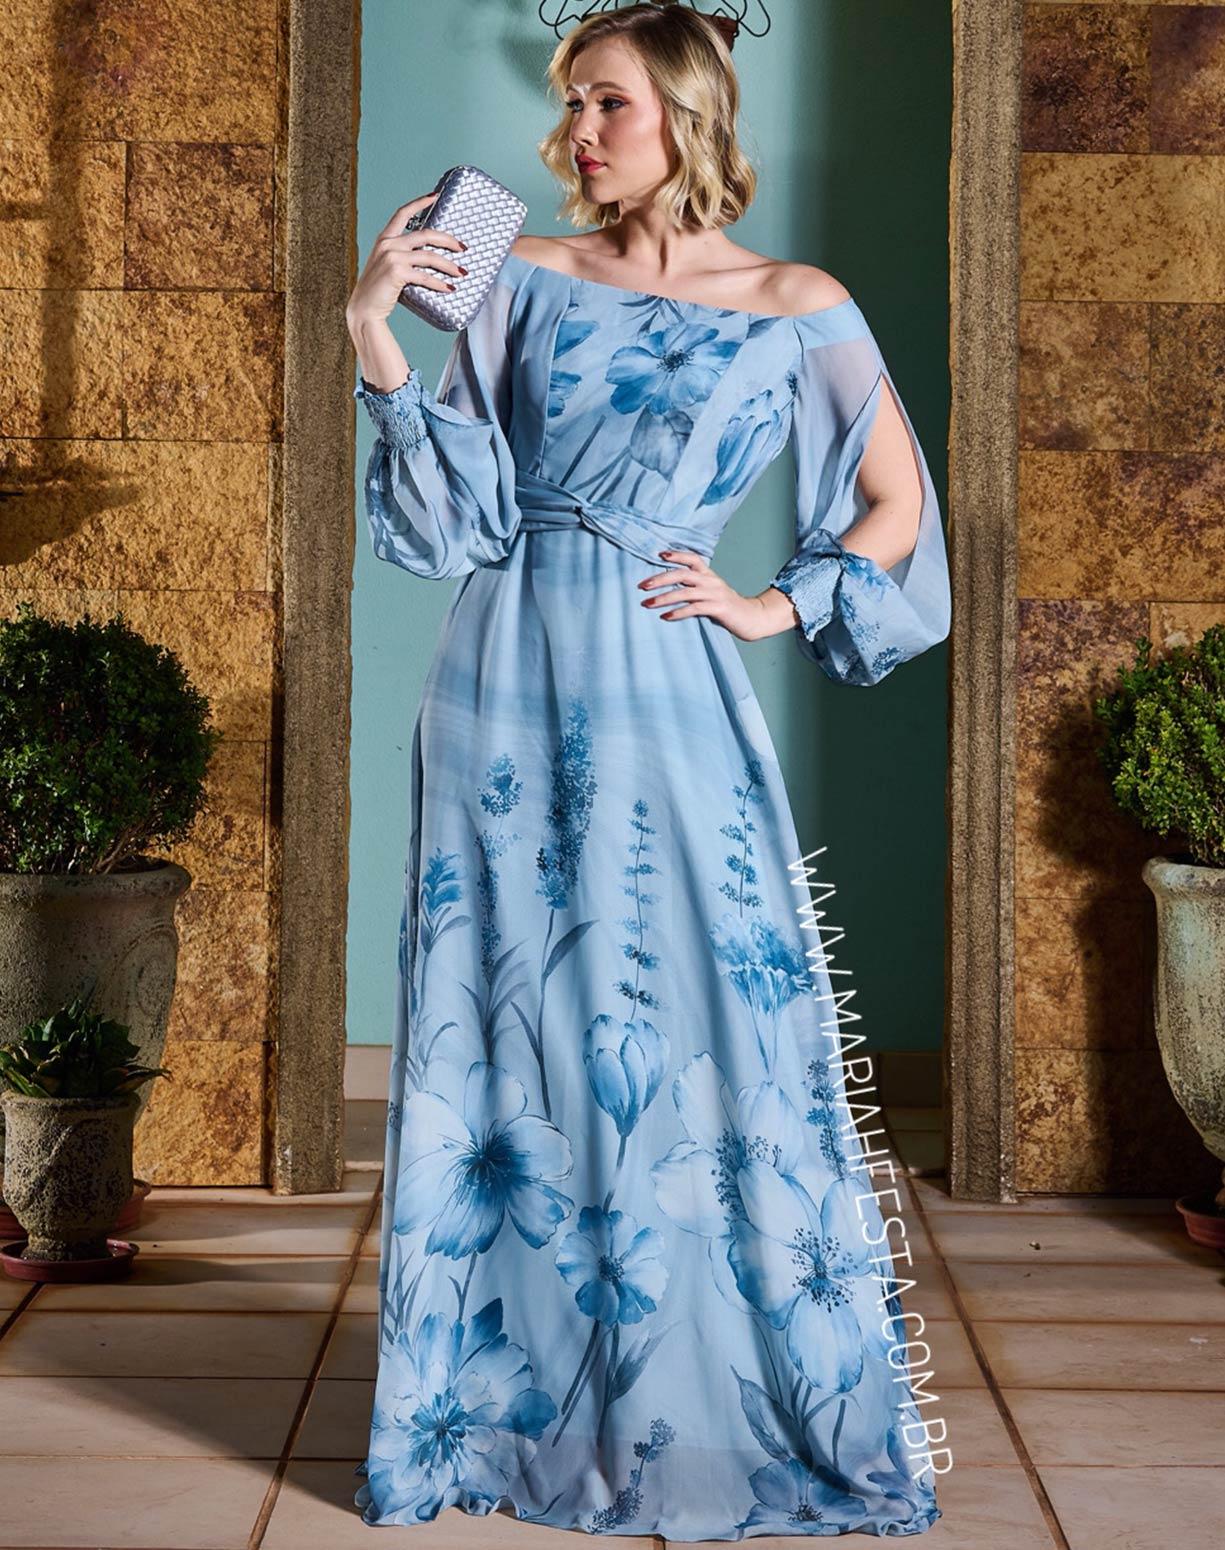 Vestido Floral Azul Serenity Decote Ombro a Ombro